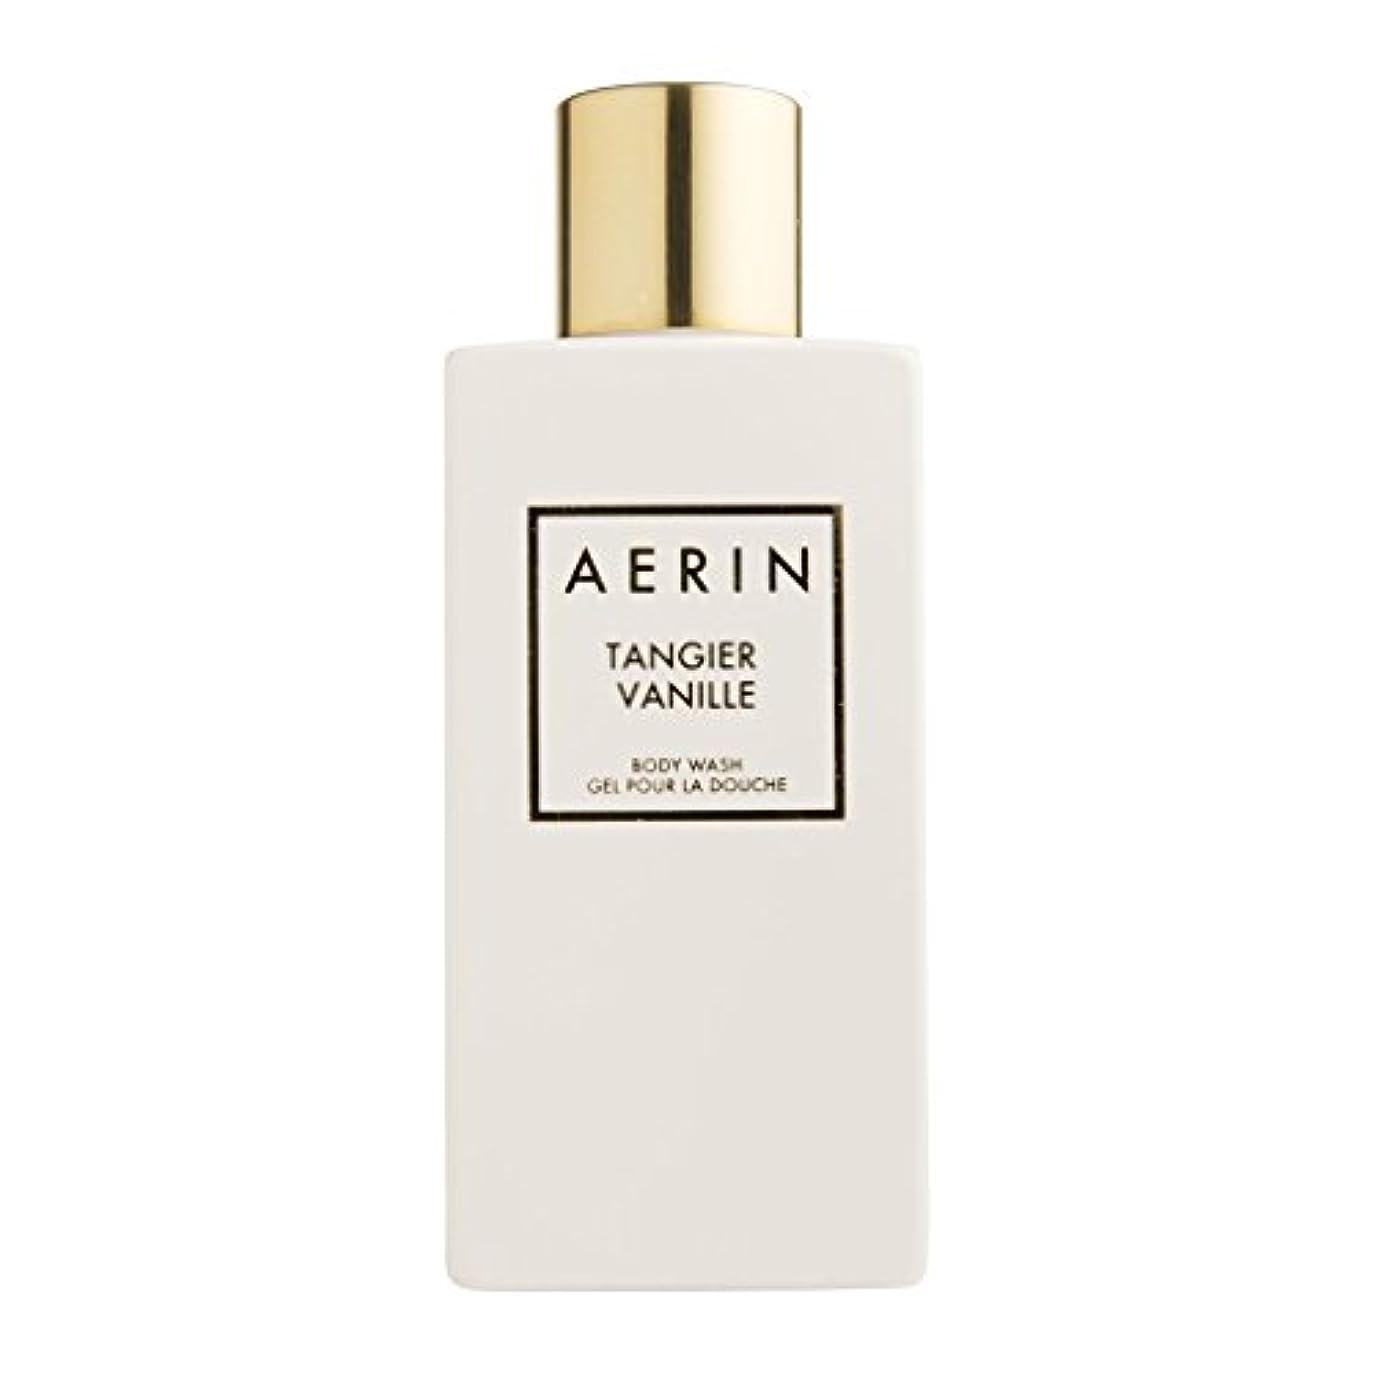 わずかな柔らかいバイパスAERIN Tangier Vanille (アエリン タンジヤー バニール) 7.6 oz (228ml) Body Wash ボディーウオッシュ by Estee Lauder for Women